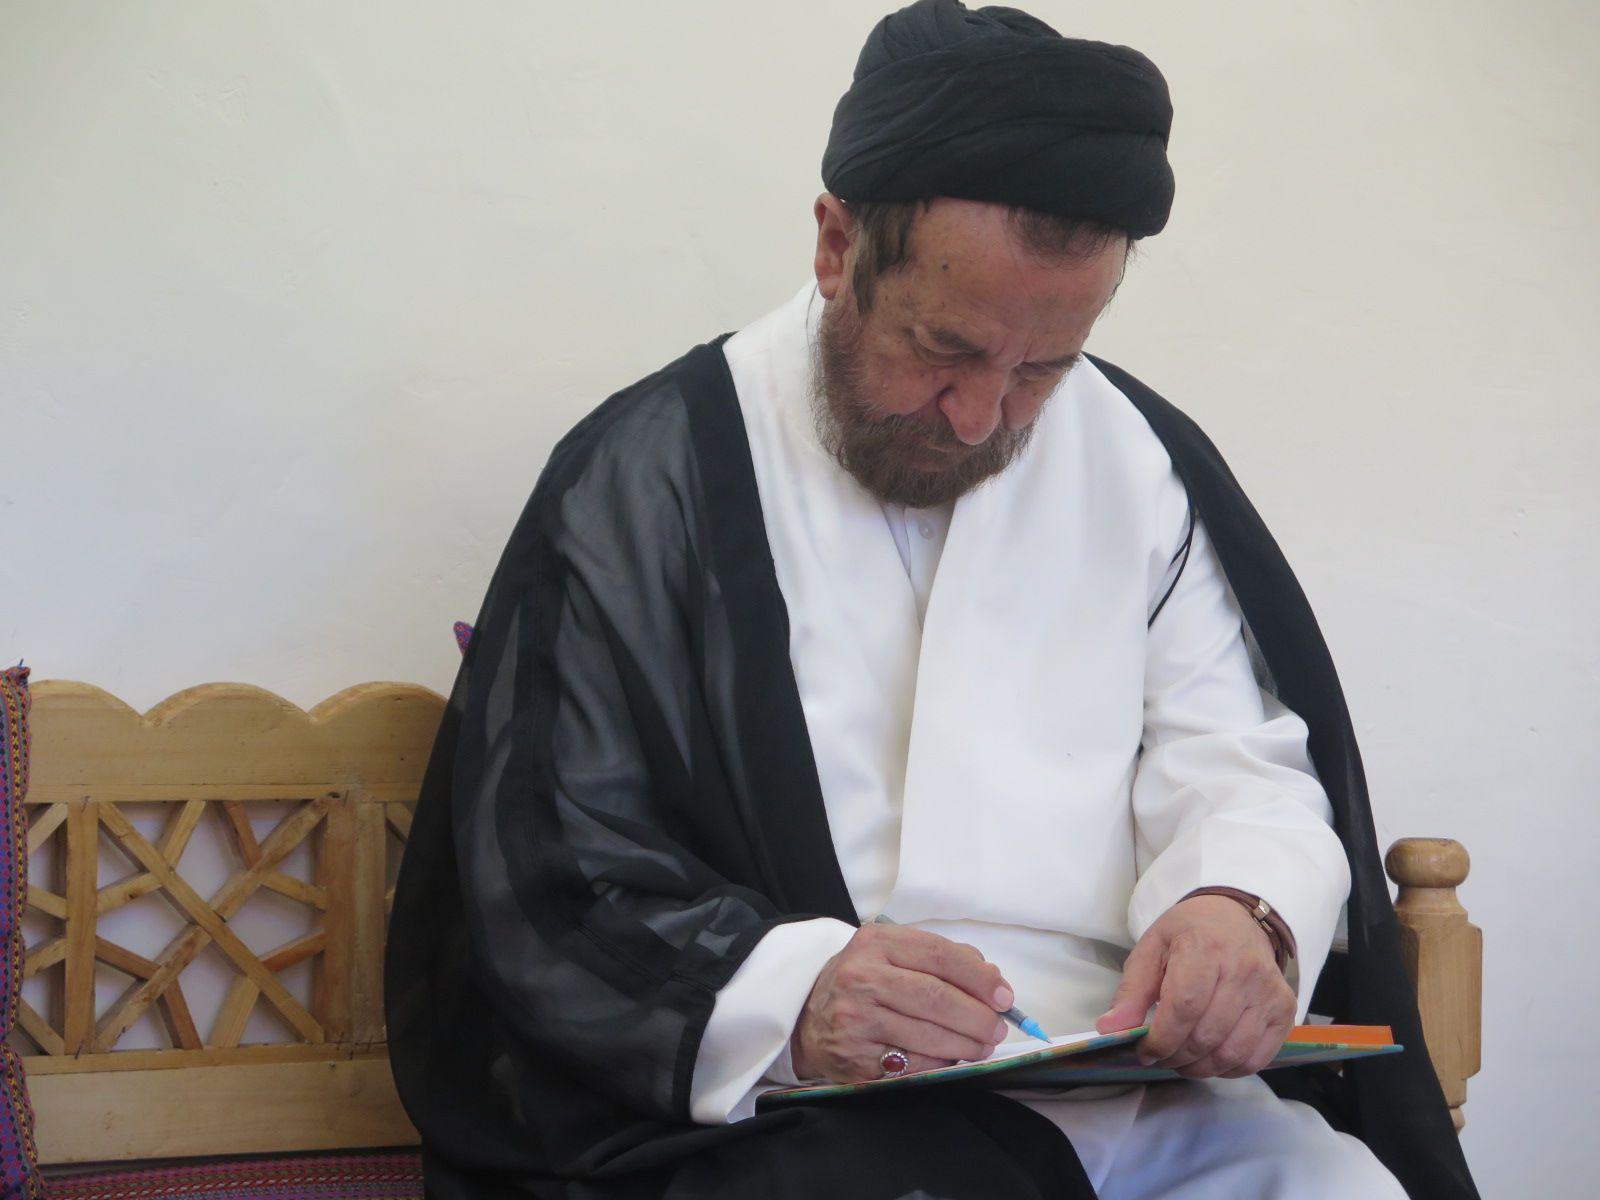 بازدید سیدحمید روحانی از منزل حاج محمدآقا رسولزاده